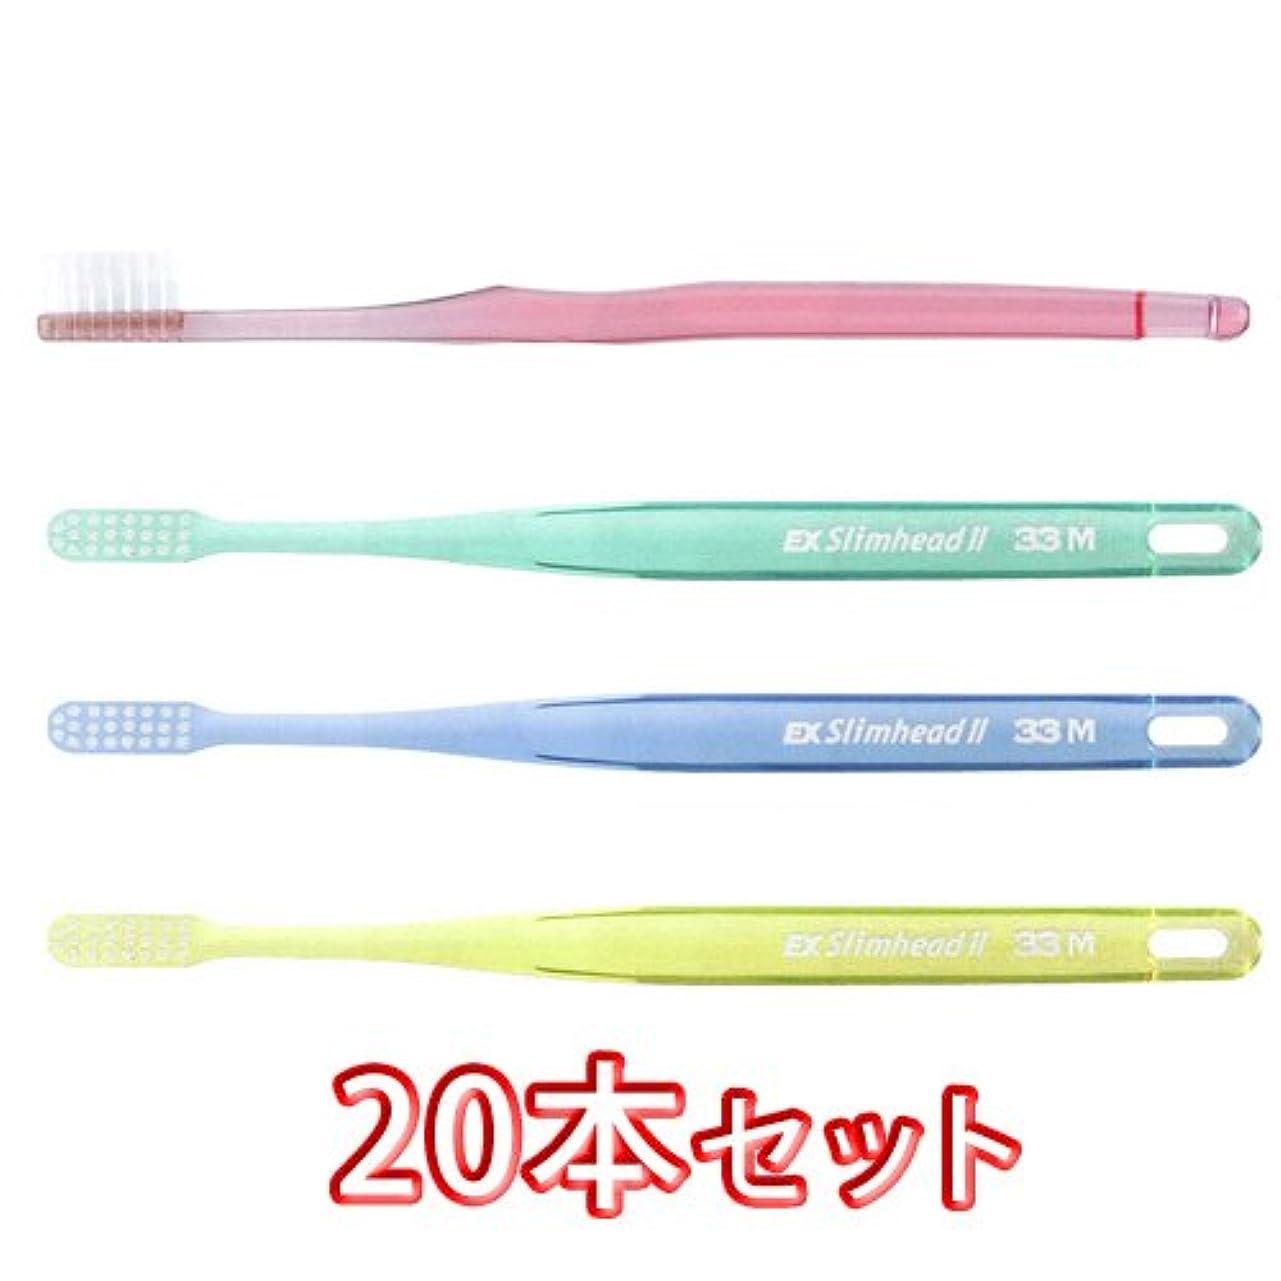 立法小売旧正月ライオン スリムヘッド2 歯ブラシ DENT . EX Slimhead2 20本入 (33M)